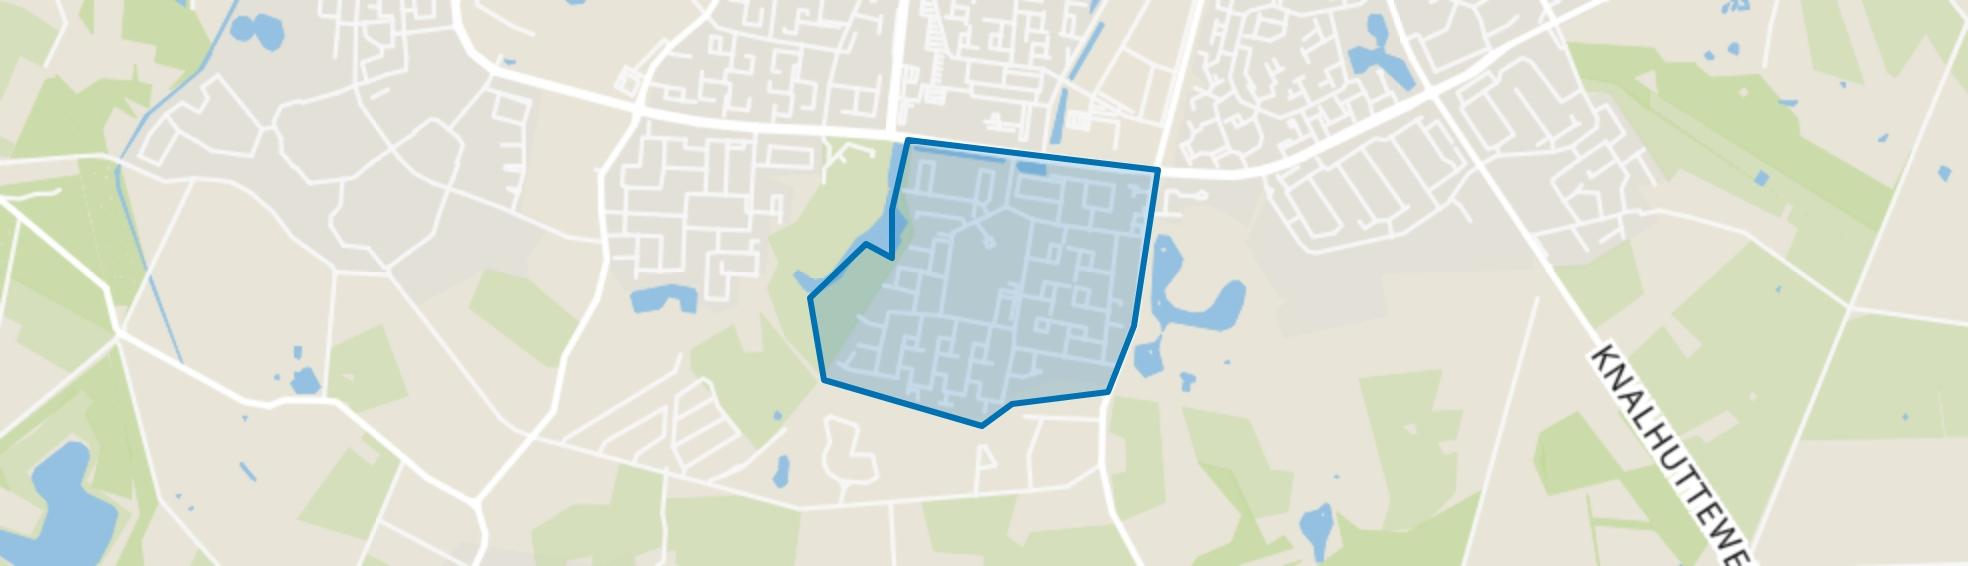 Wesselerbrink Zuid-Oost, Enschede map